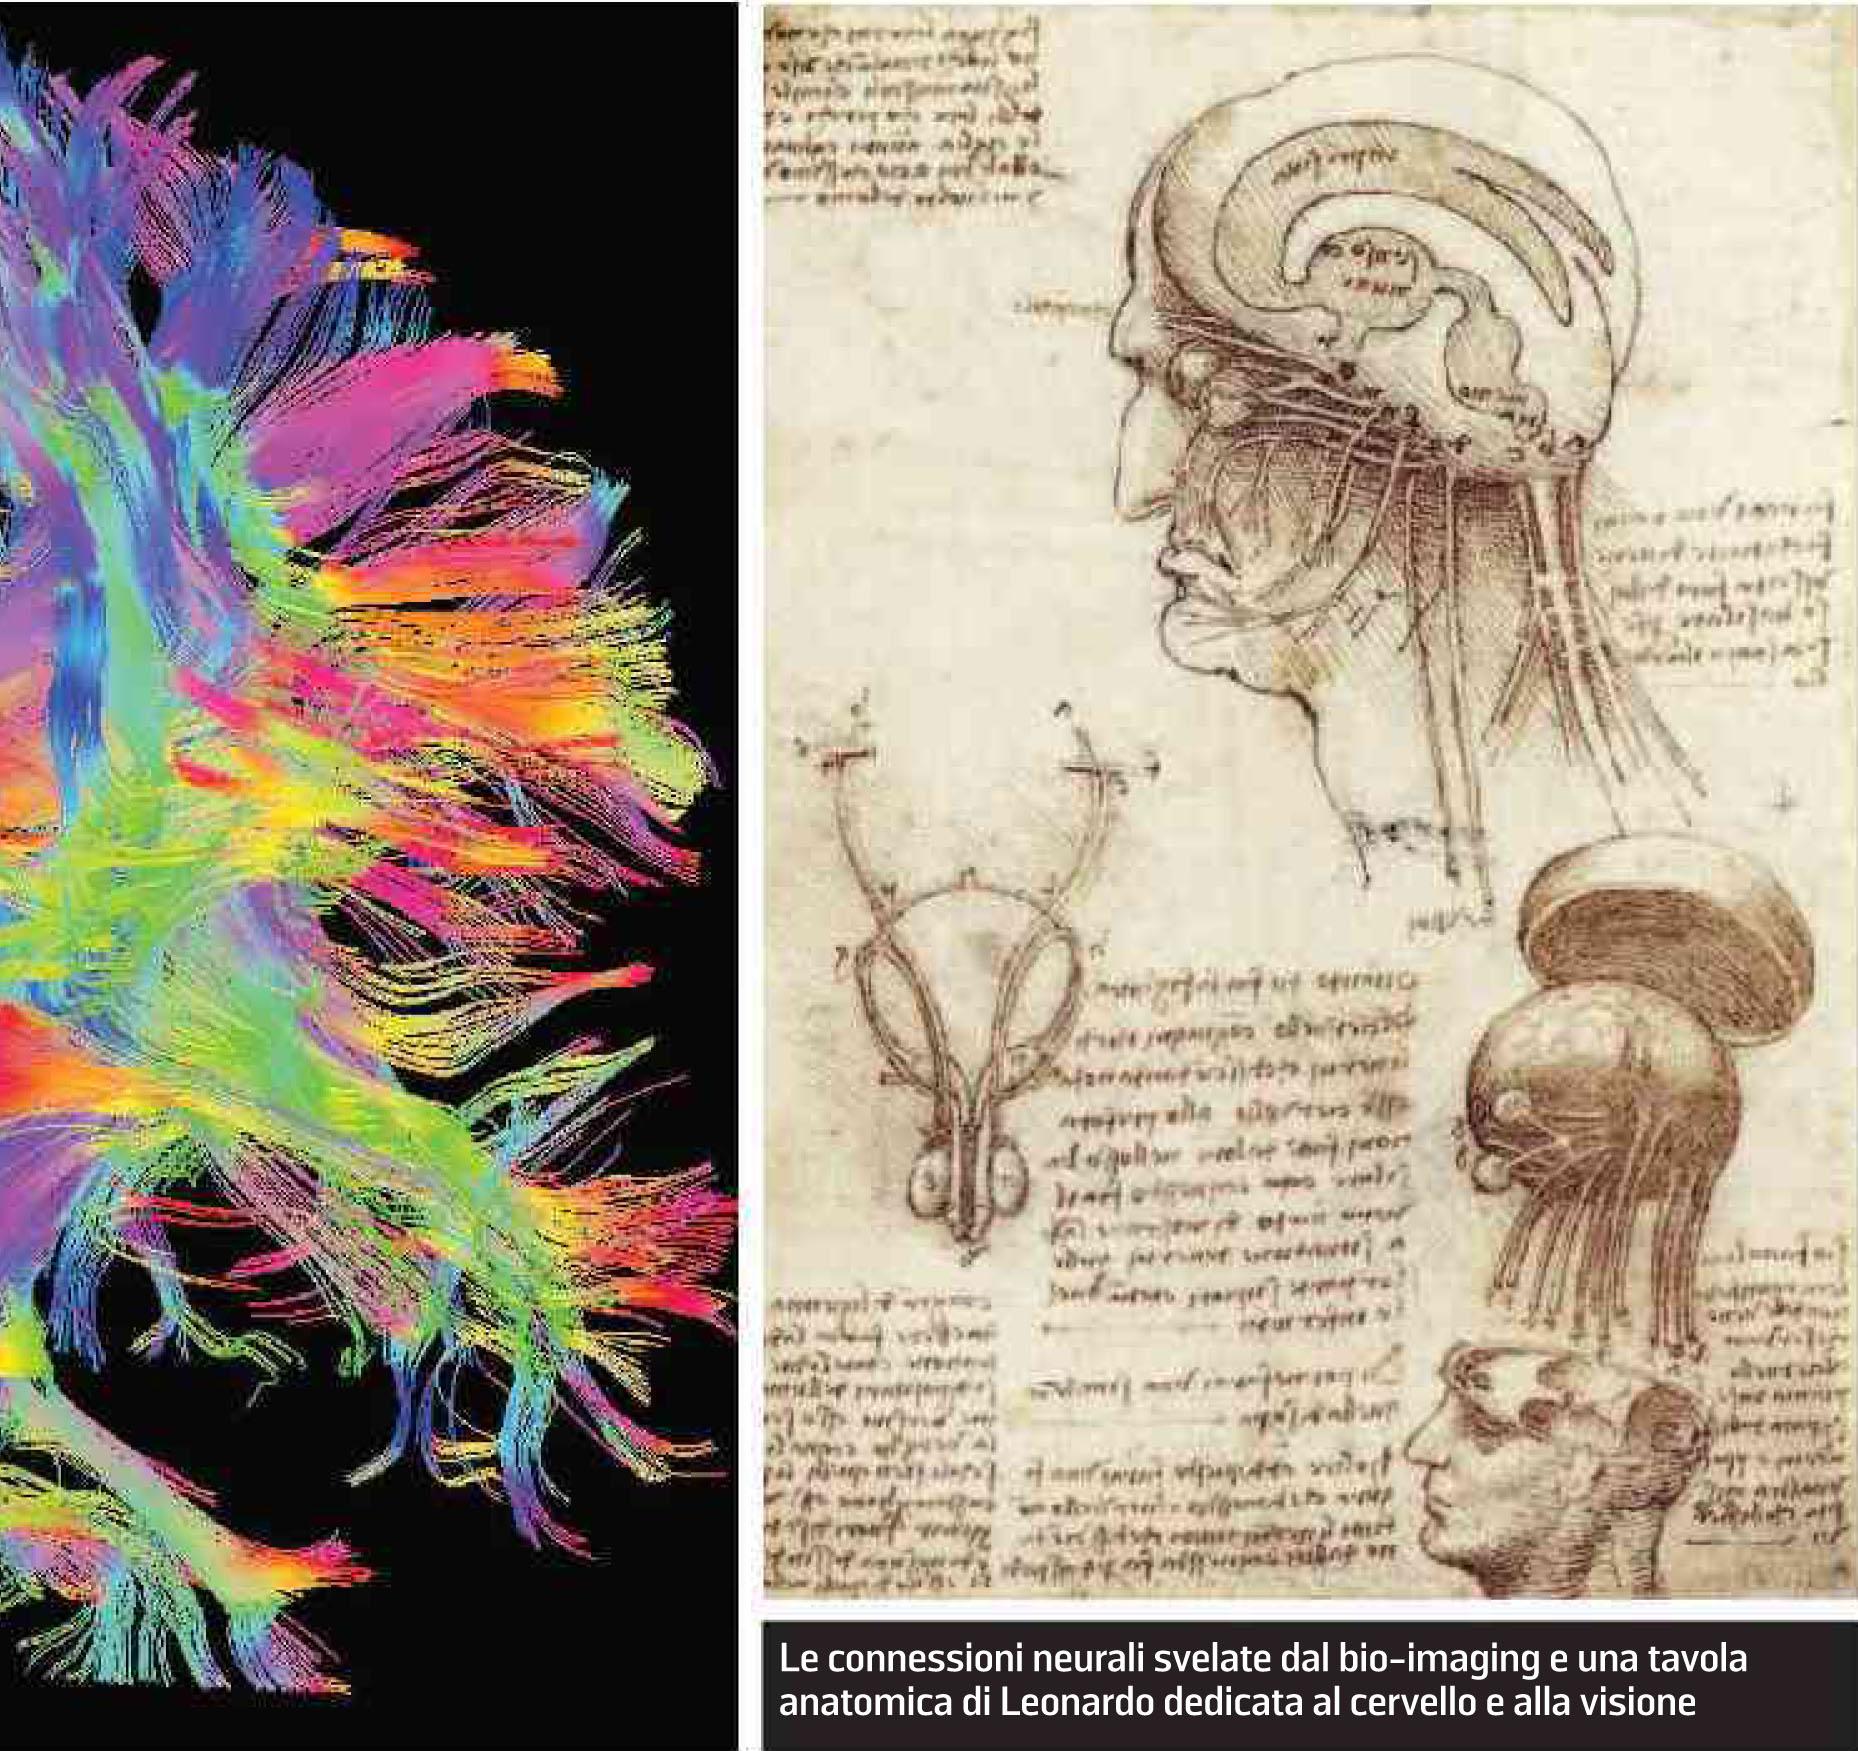 Che cosa ci insegna l'opera dell' icona del genio: educare e migliorare la mente è possibile Spicchiamo il volo con Leonardo